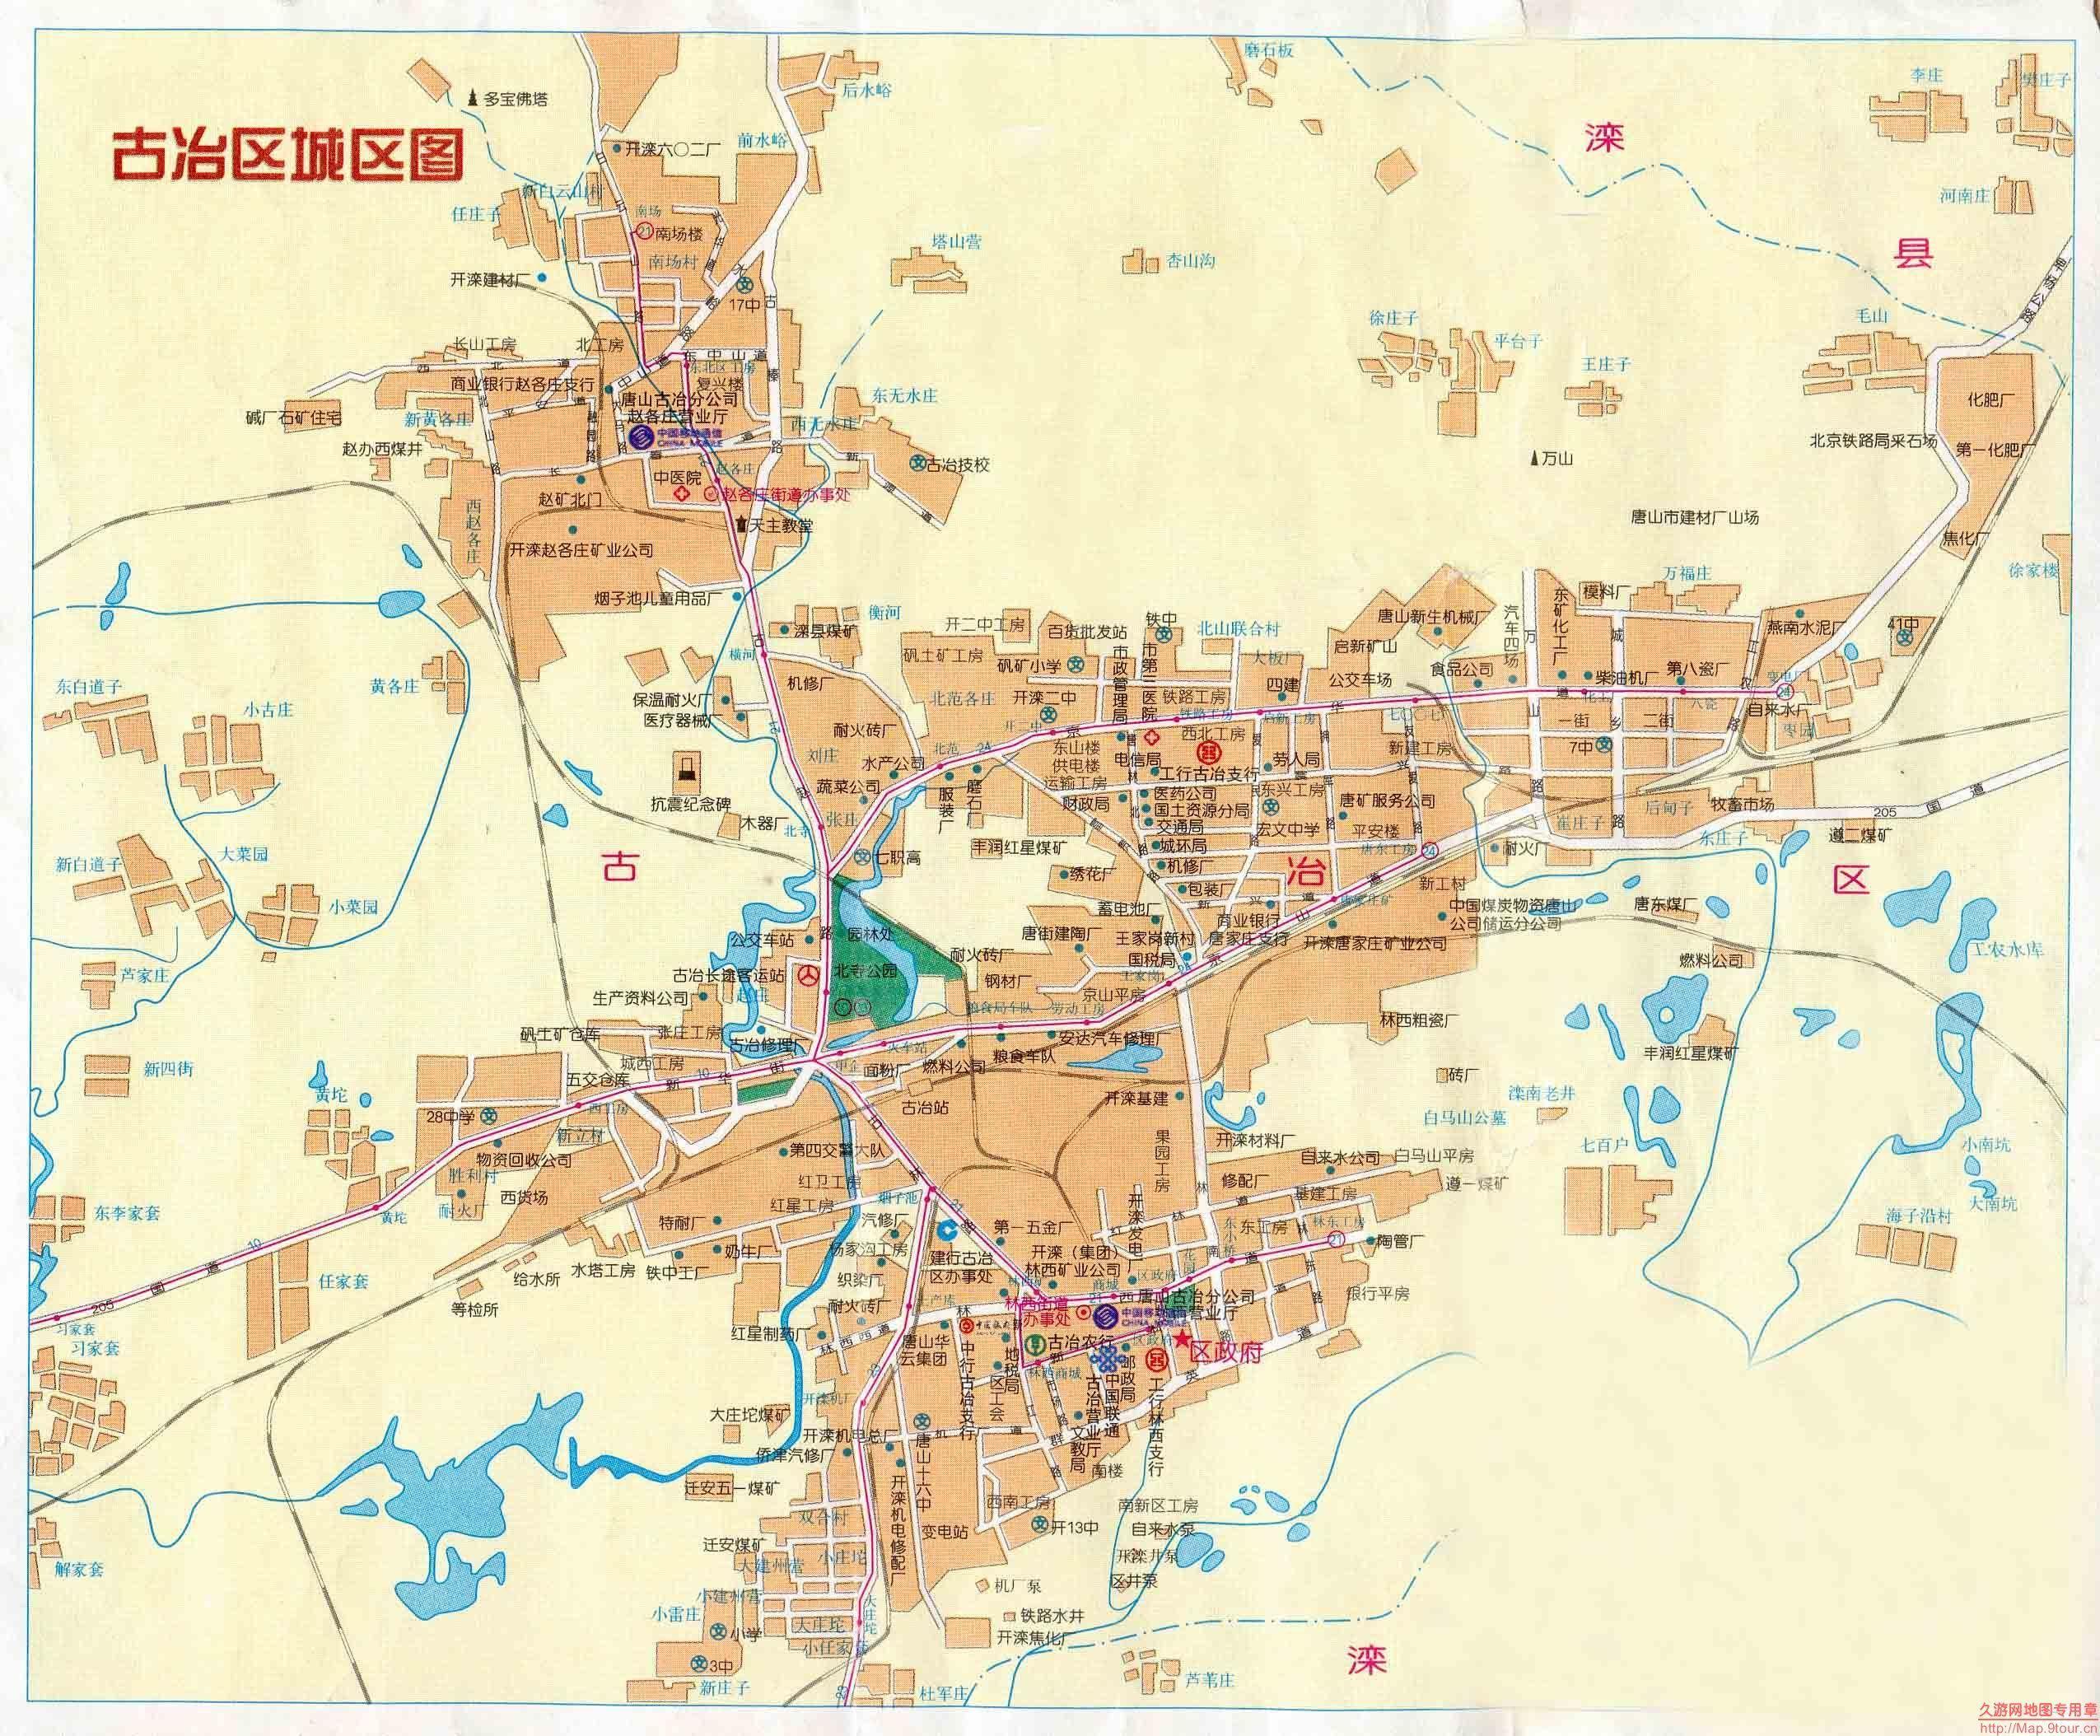 贵院有唐山市古冶区规划图及规划说明吗